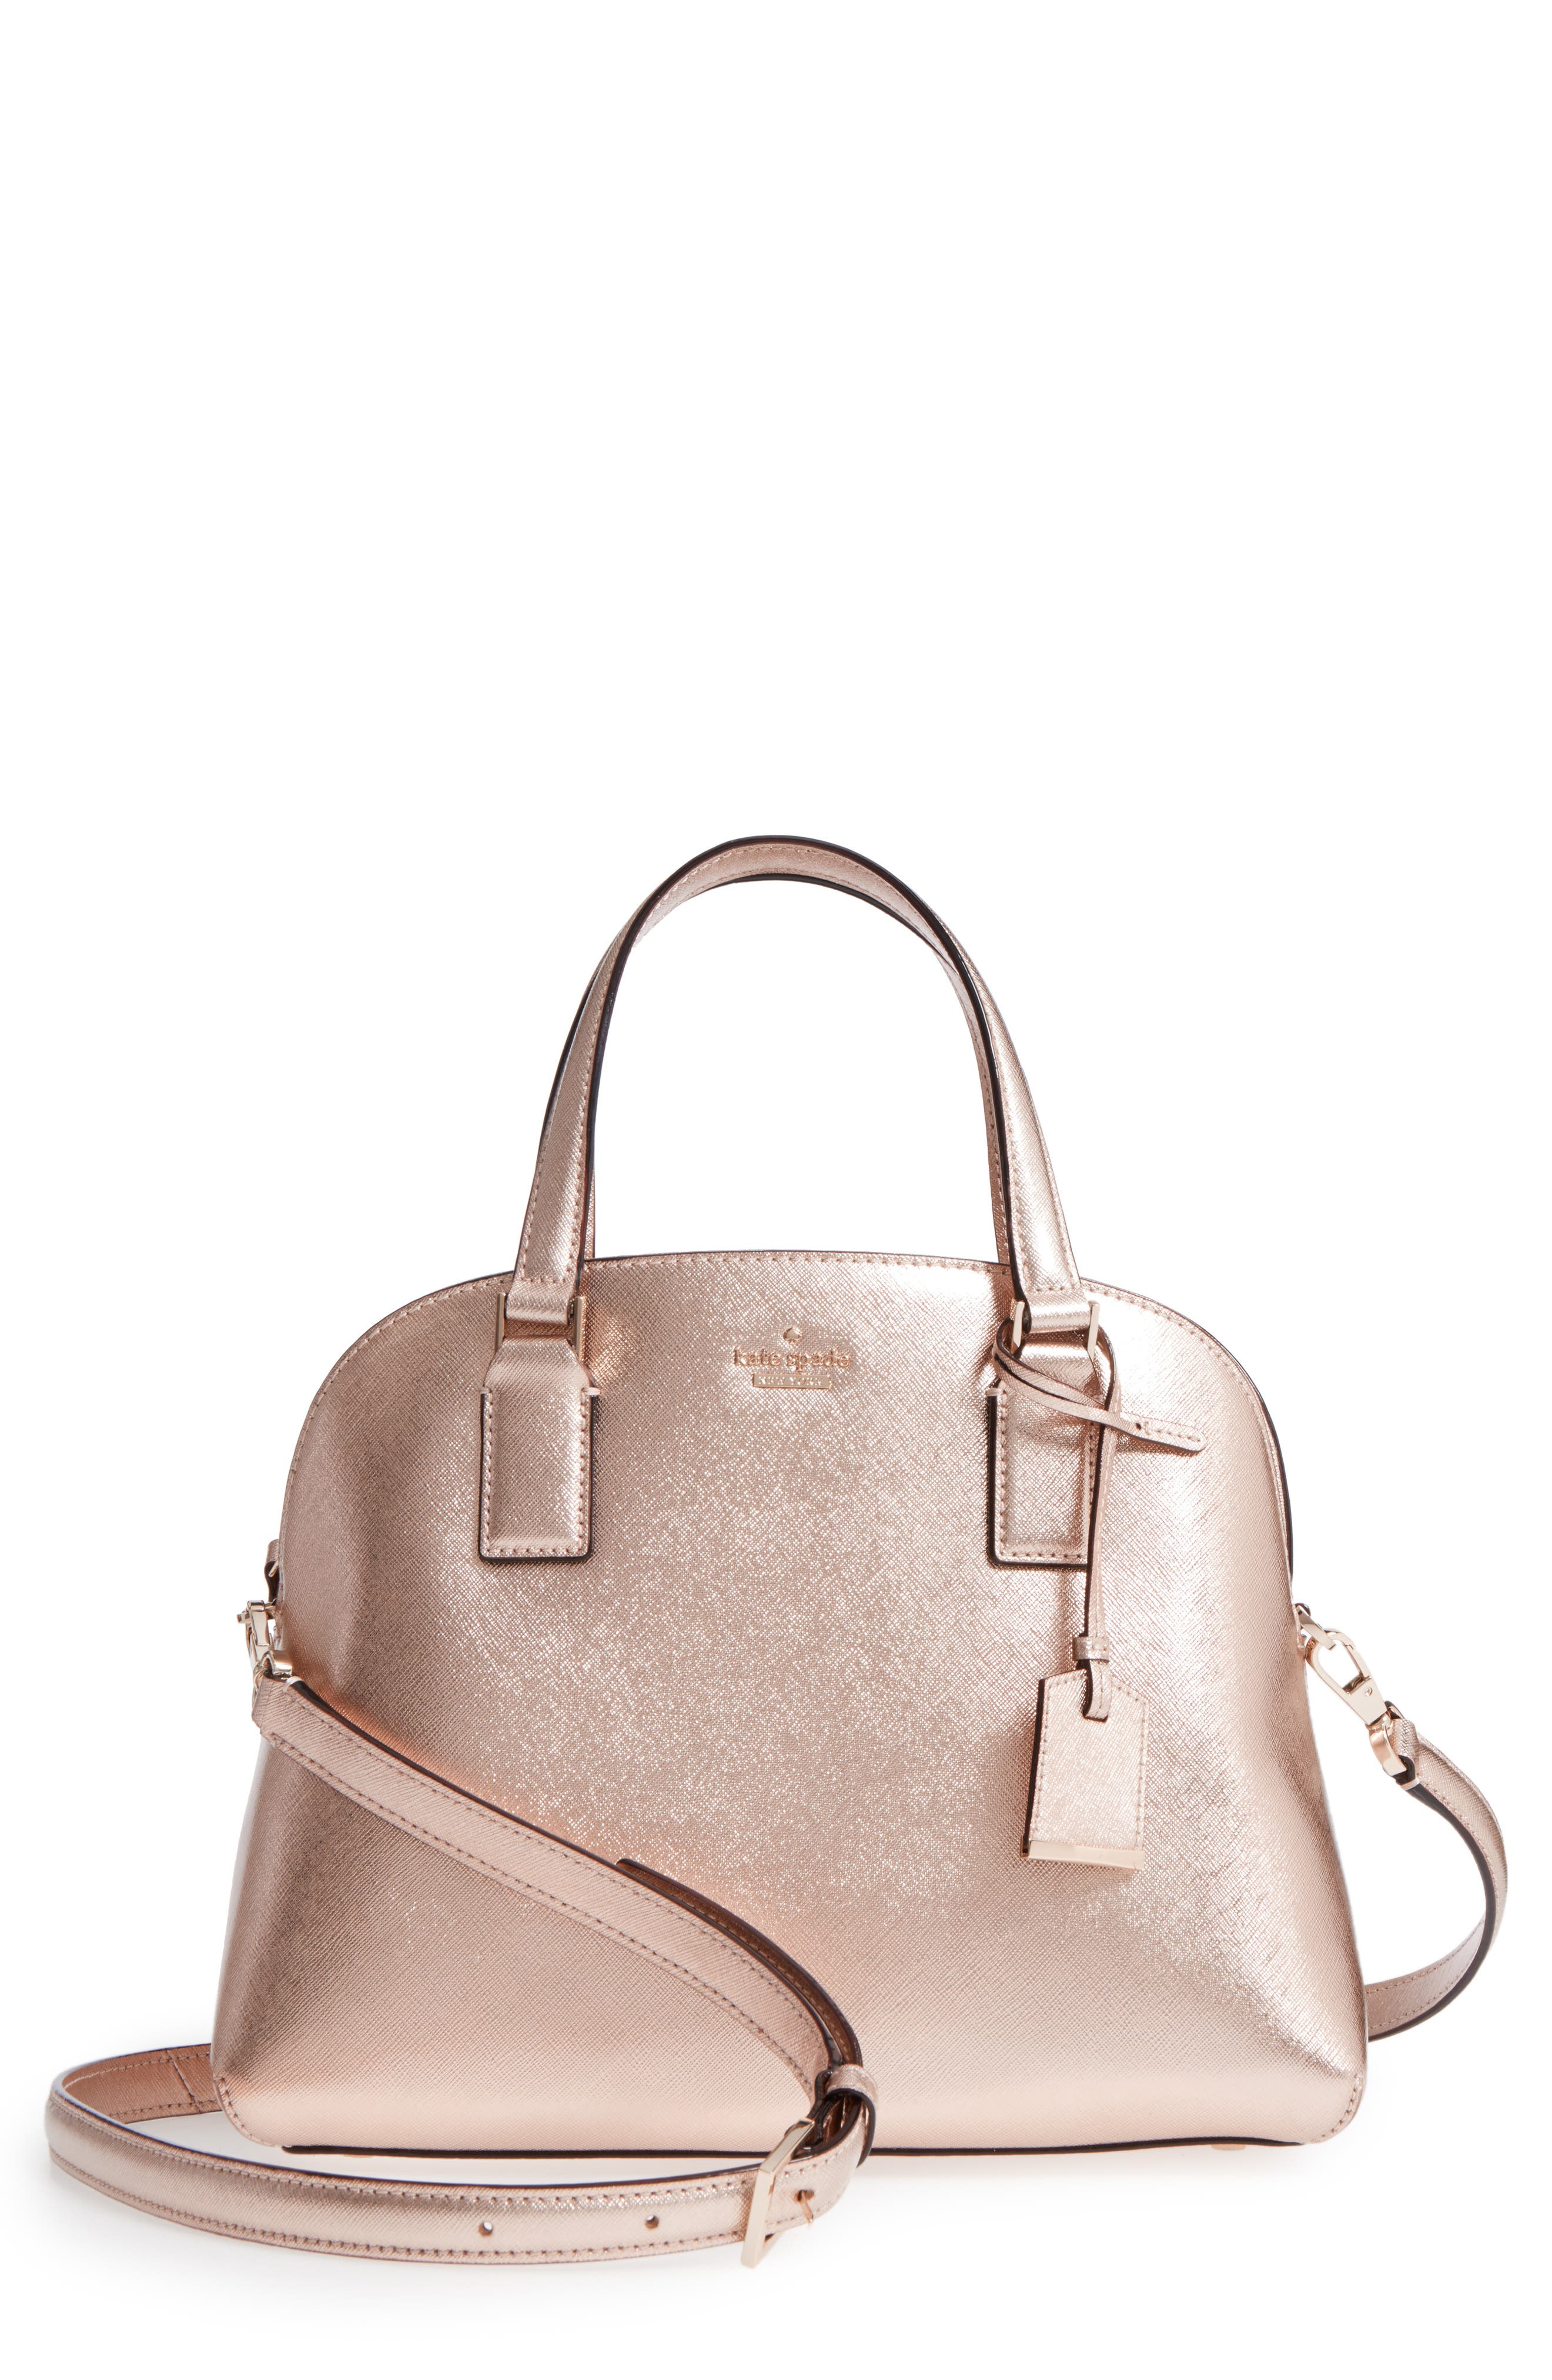 cameron street - lottie leather satchel,                         Main,                         color, 650